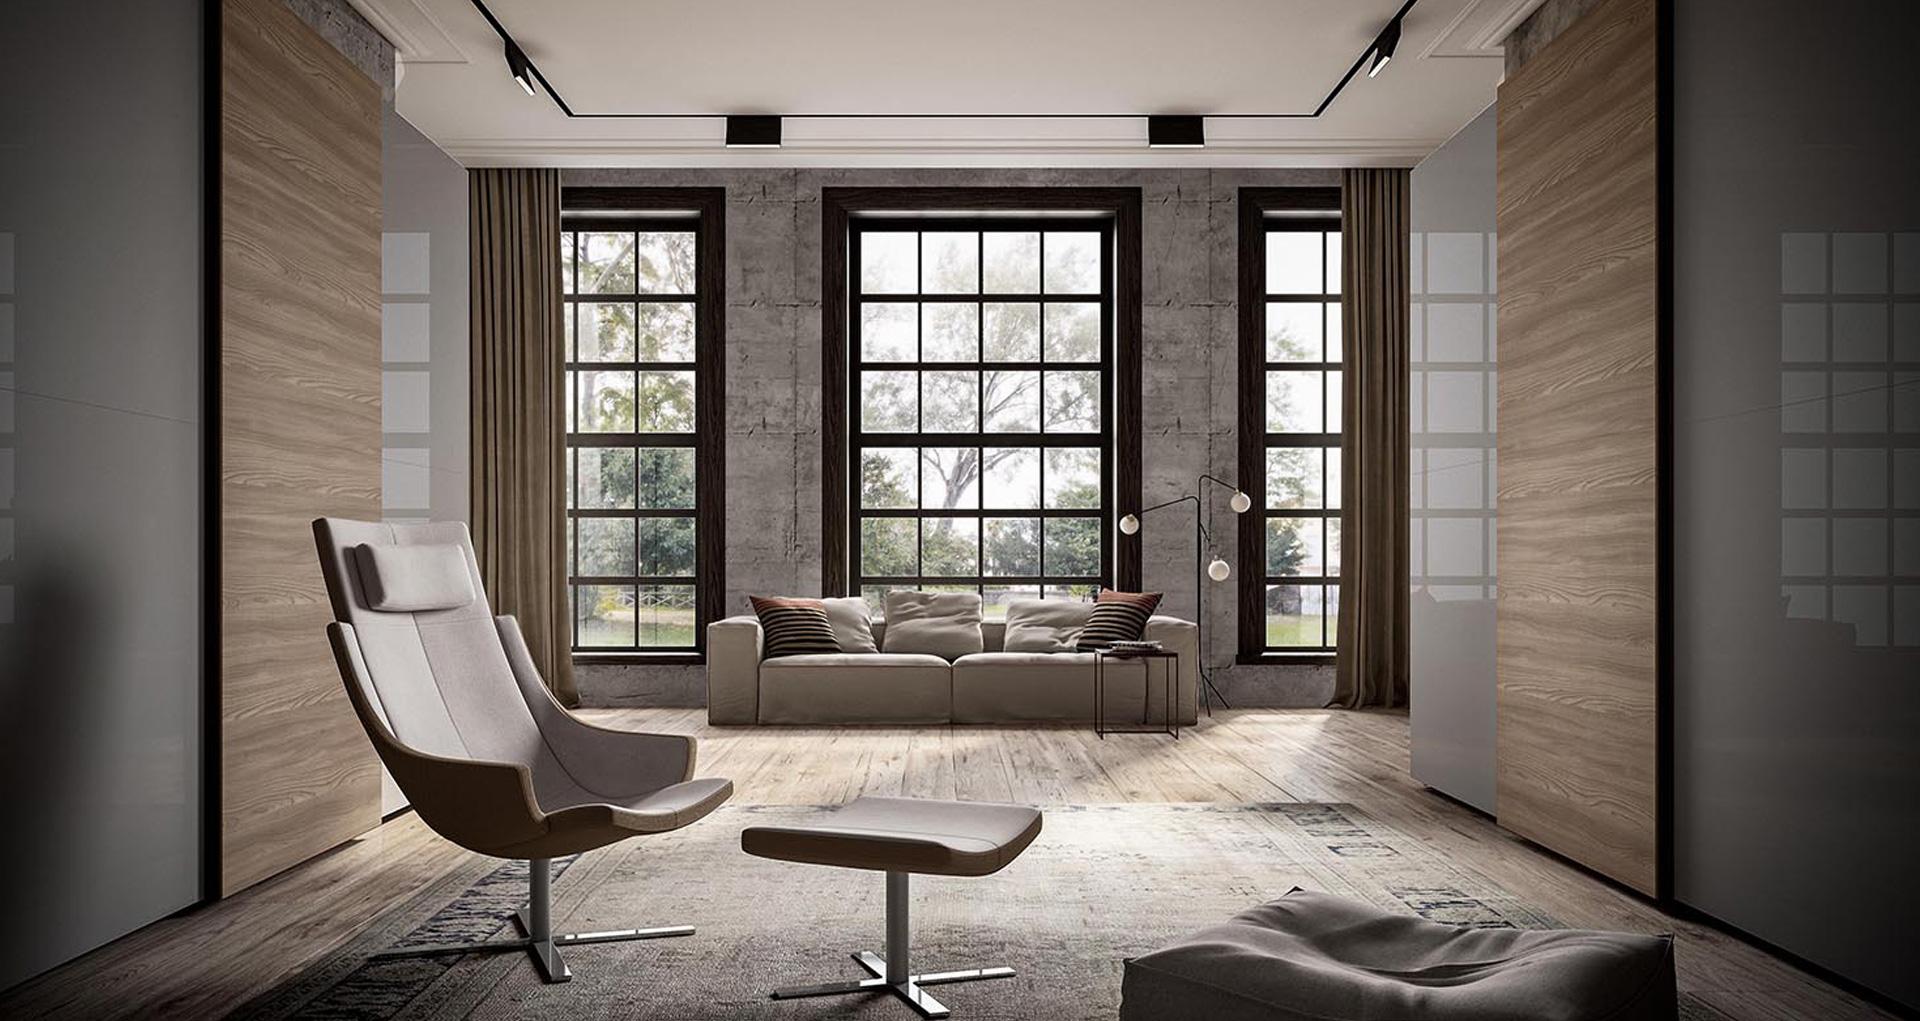 Salotto con sofa e area relax